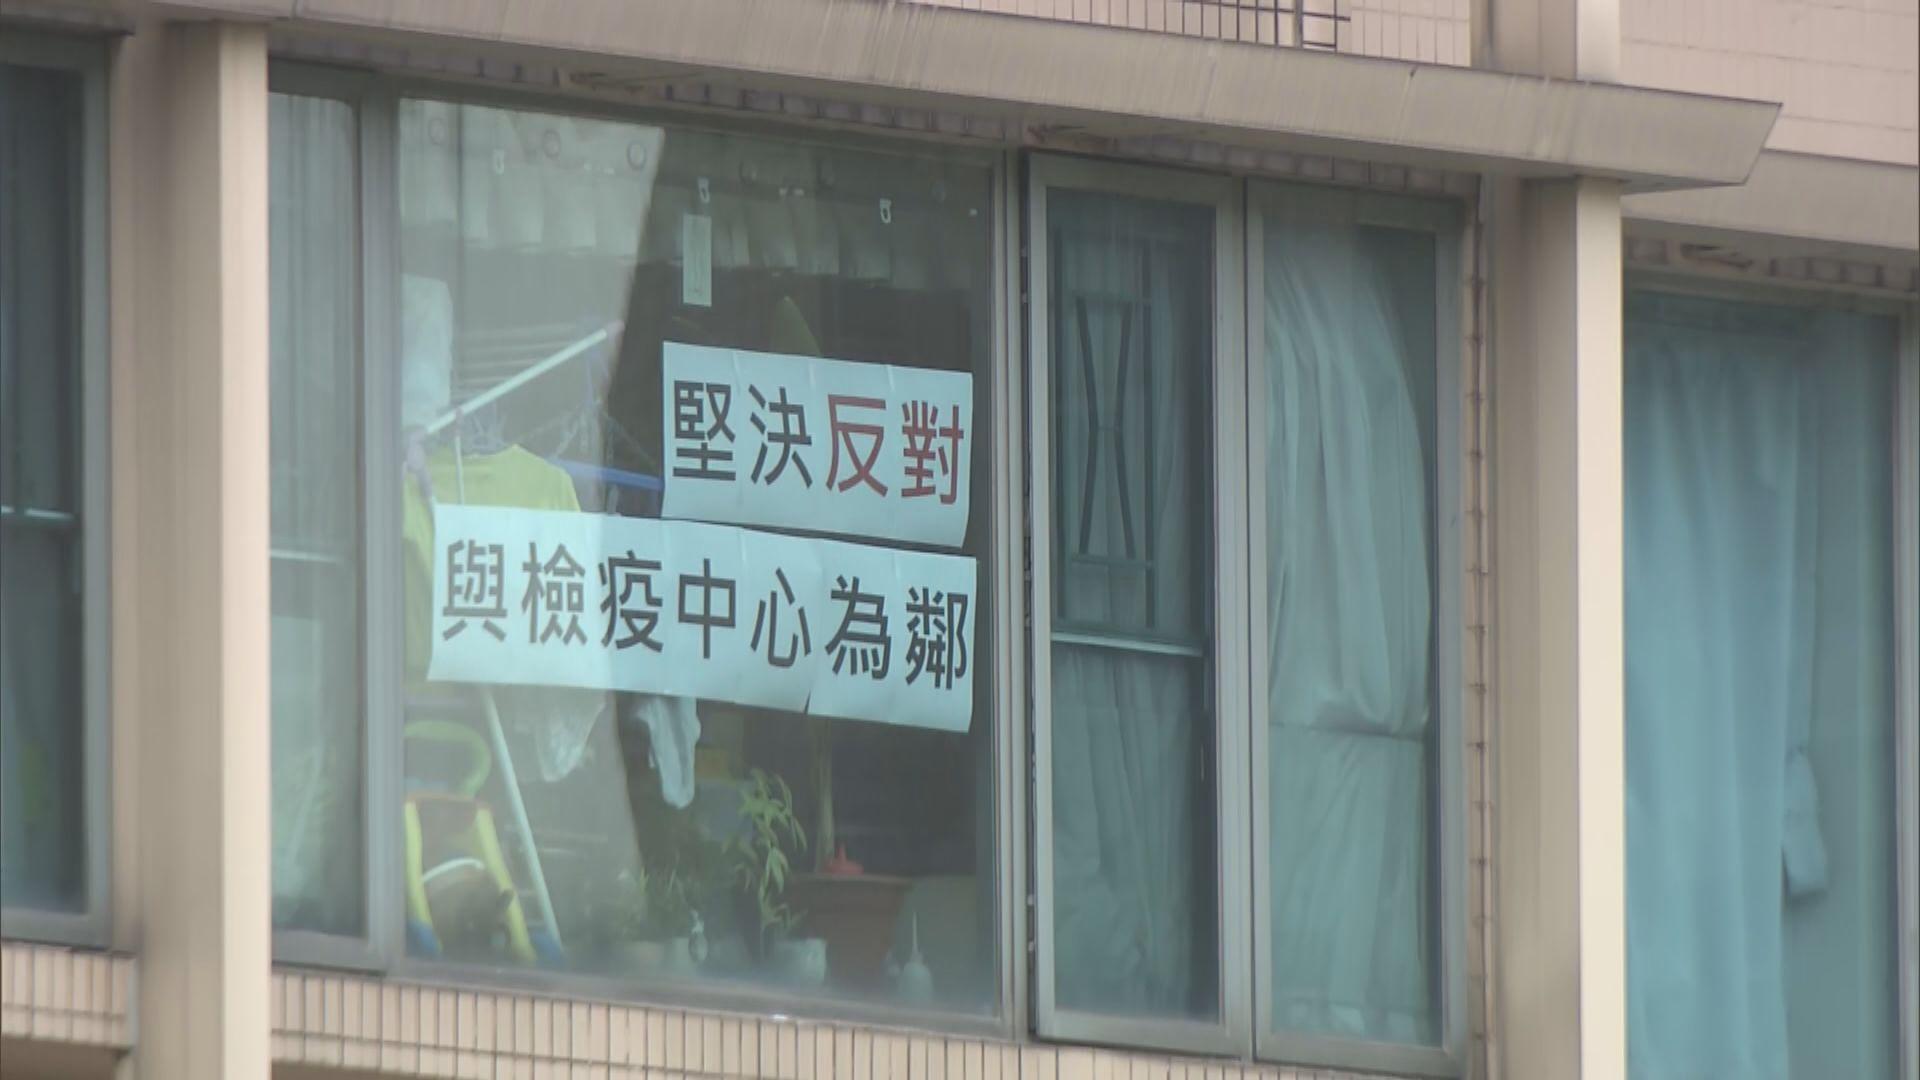 青衣華逸酒店於私人屋苑內 居民憂與檢疫者共用設施